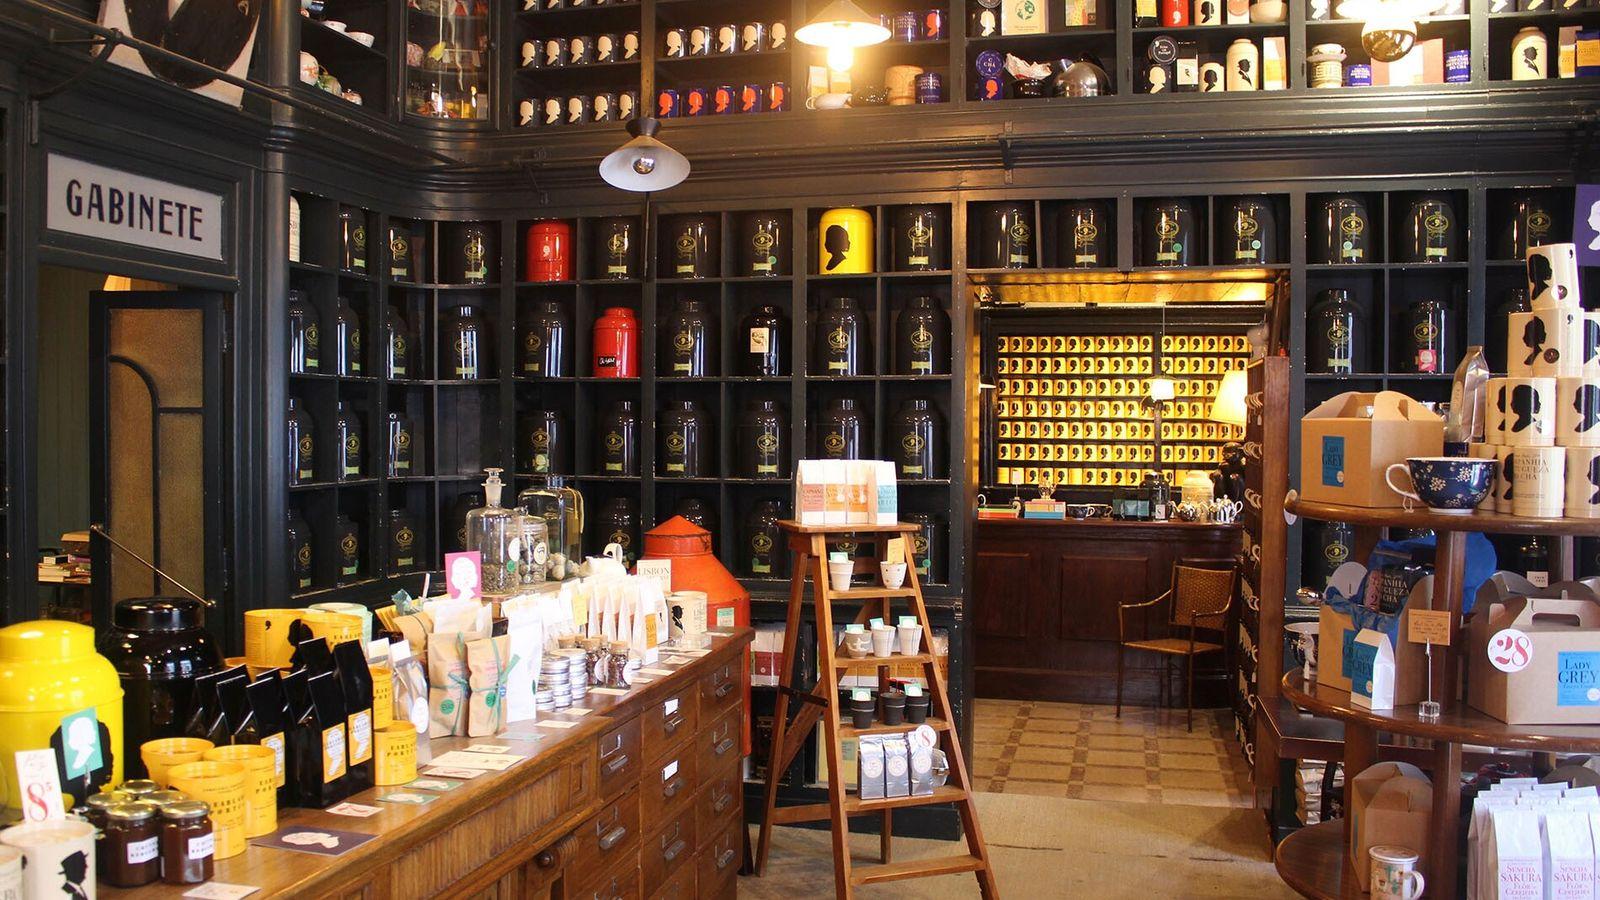 Sebastian Filgueiras' tea shop Companhia Portugueza do Chá in Lisbon is a mecca for tea enthusiasts.